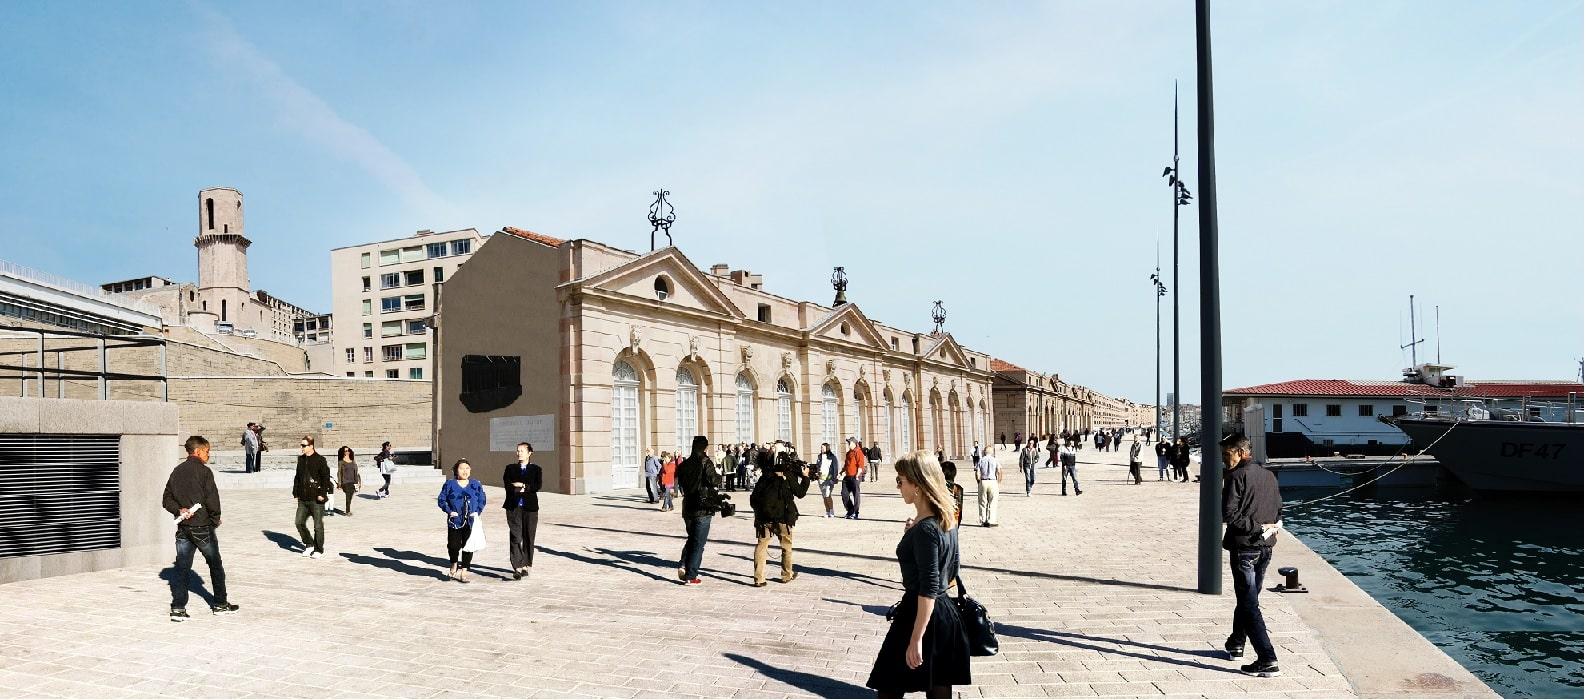 Vieux-Port, Les travaux bientôt de retour sur le Vieux-Port !, Made in Marseille